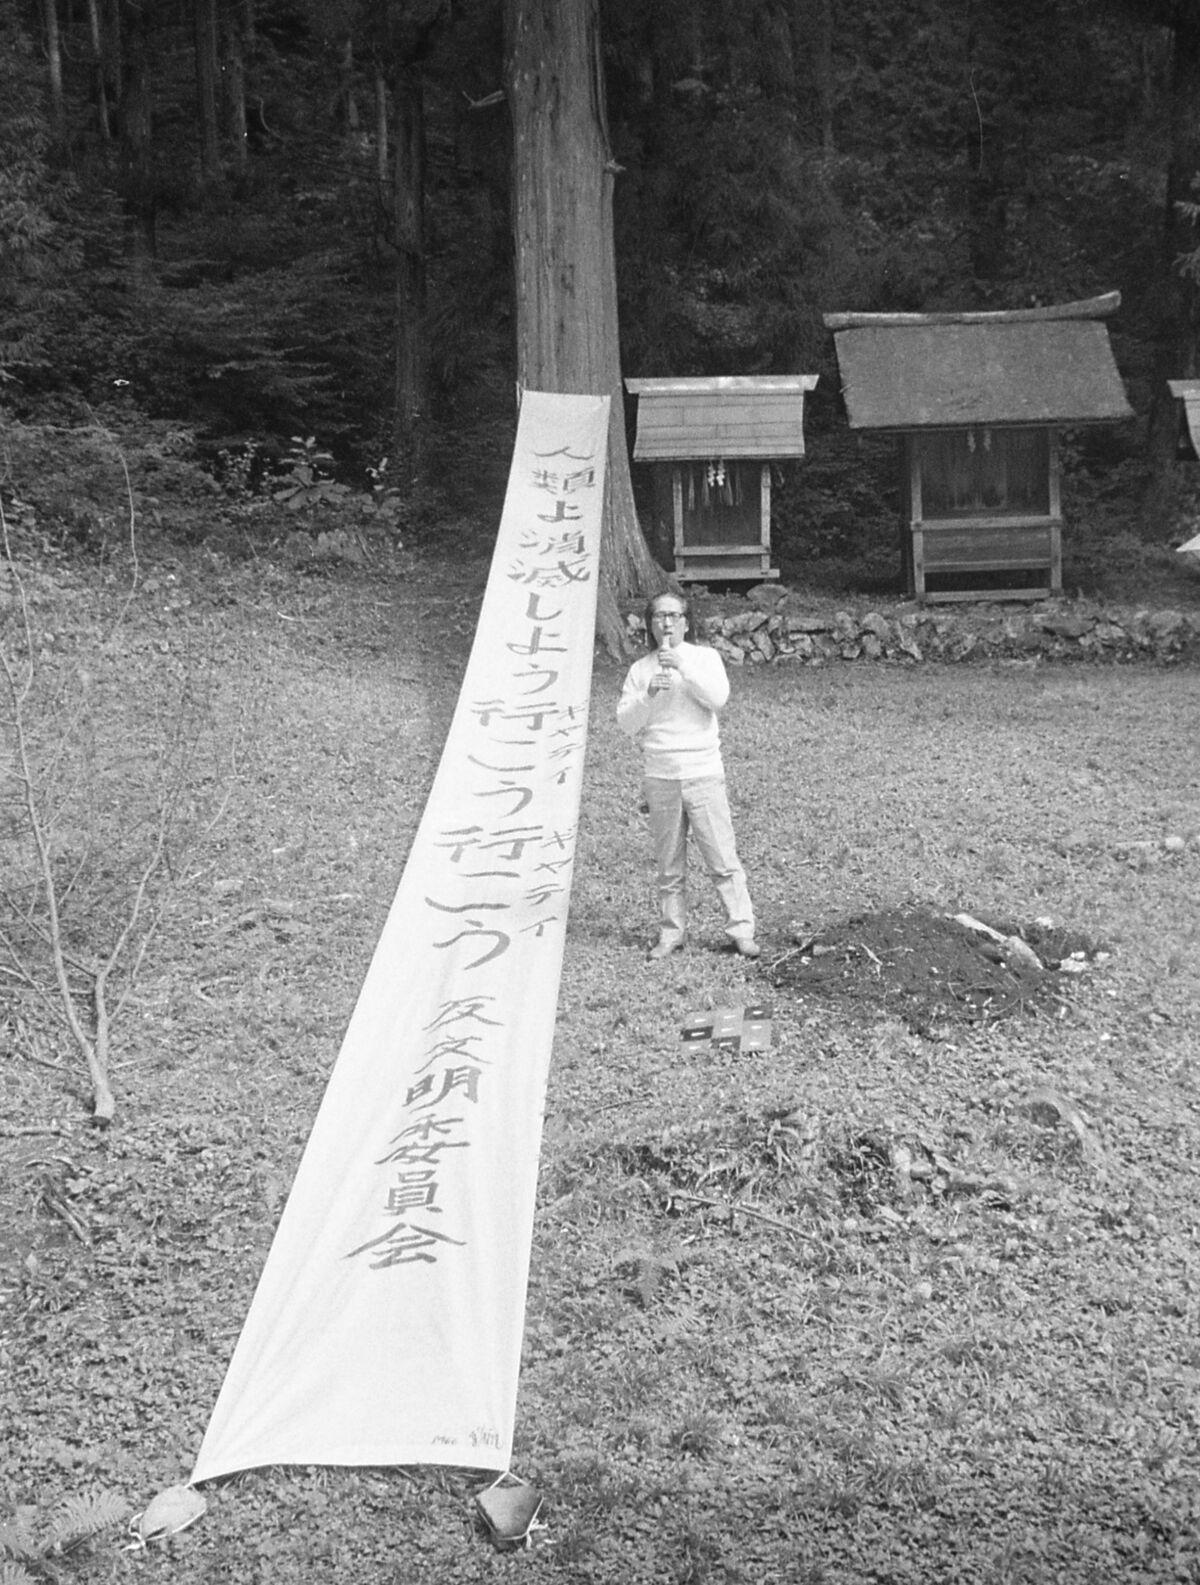 Matsuzama Yutaka, Banner of Vanishing (Banner of Vanishing (Humans, Let's Vanish, Let's Go, Let's Go, Gate, Gate, Anti-Civilization Committee)), c. 1966. Courtesy of the Japan Society.